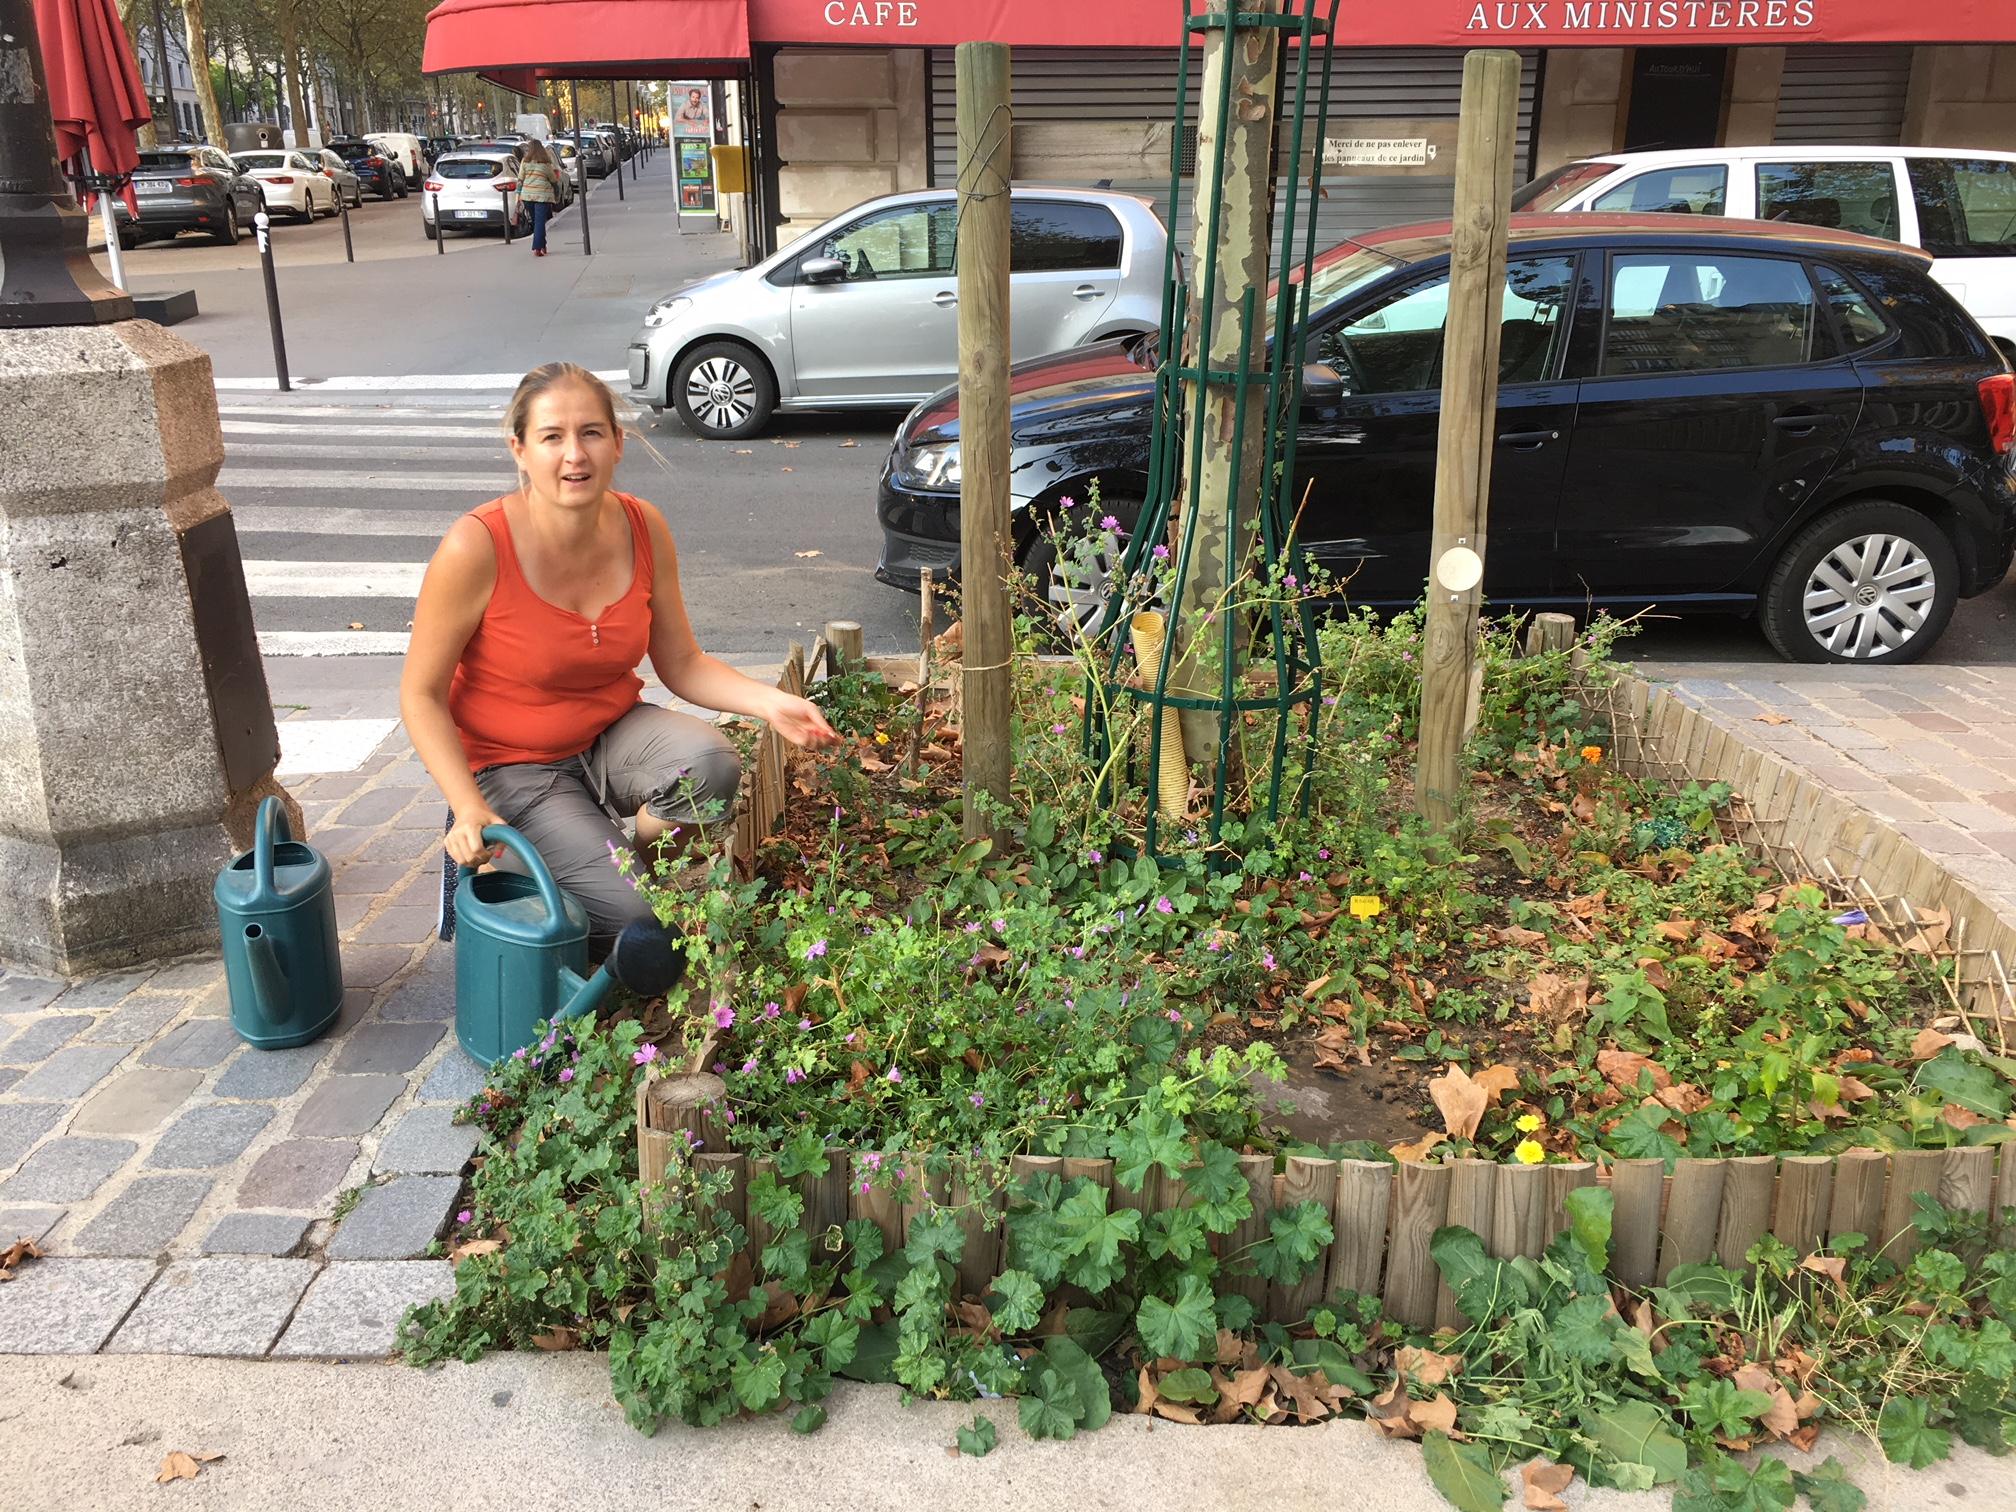 マダムも熱狂、凄すぎる! パリ市緑化計画